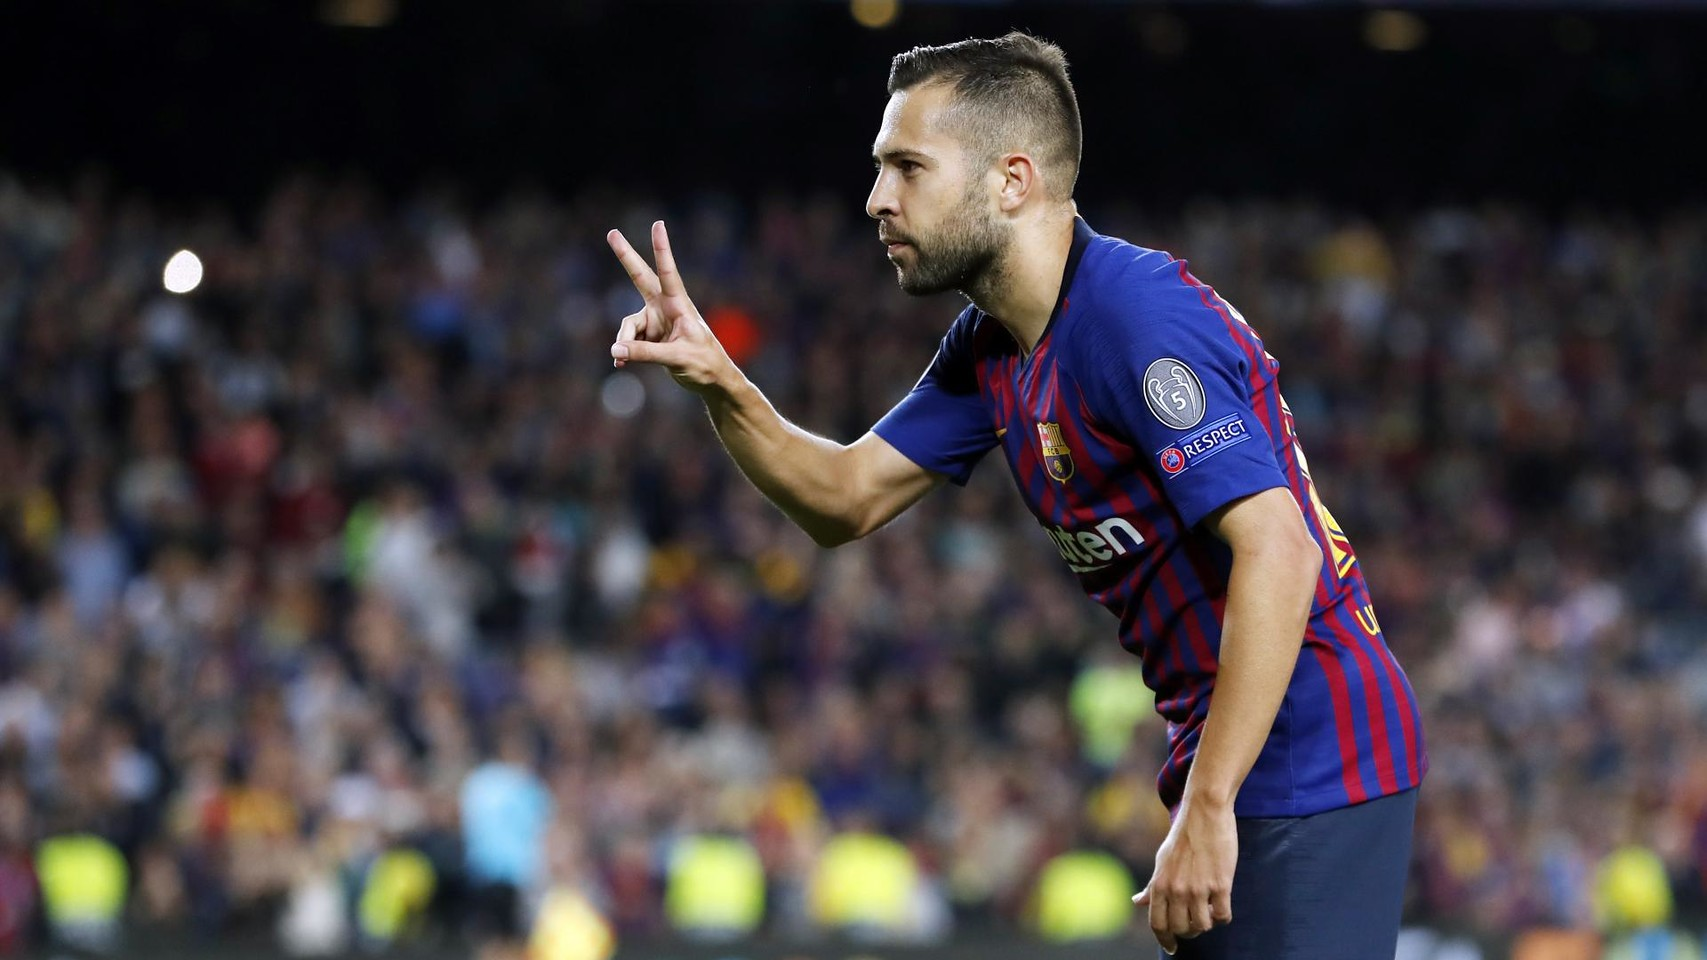 صور مباراة : برشلونة - إنتر ميلان 2-0 ( 24-10-2018 )  101529088